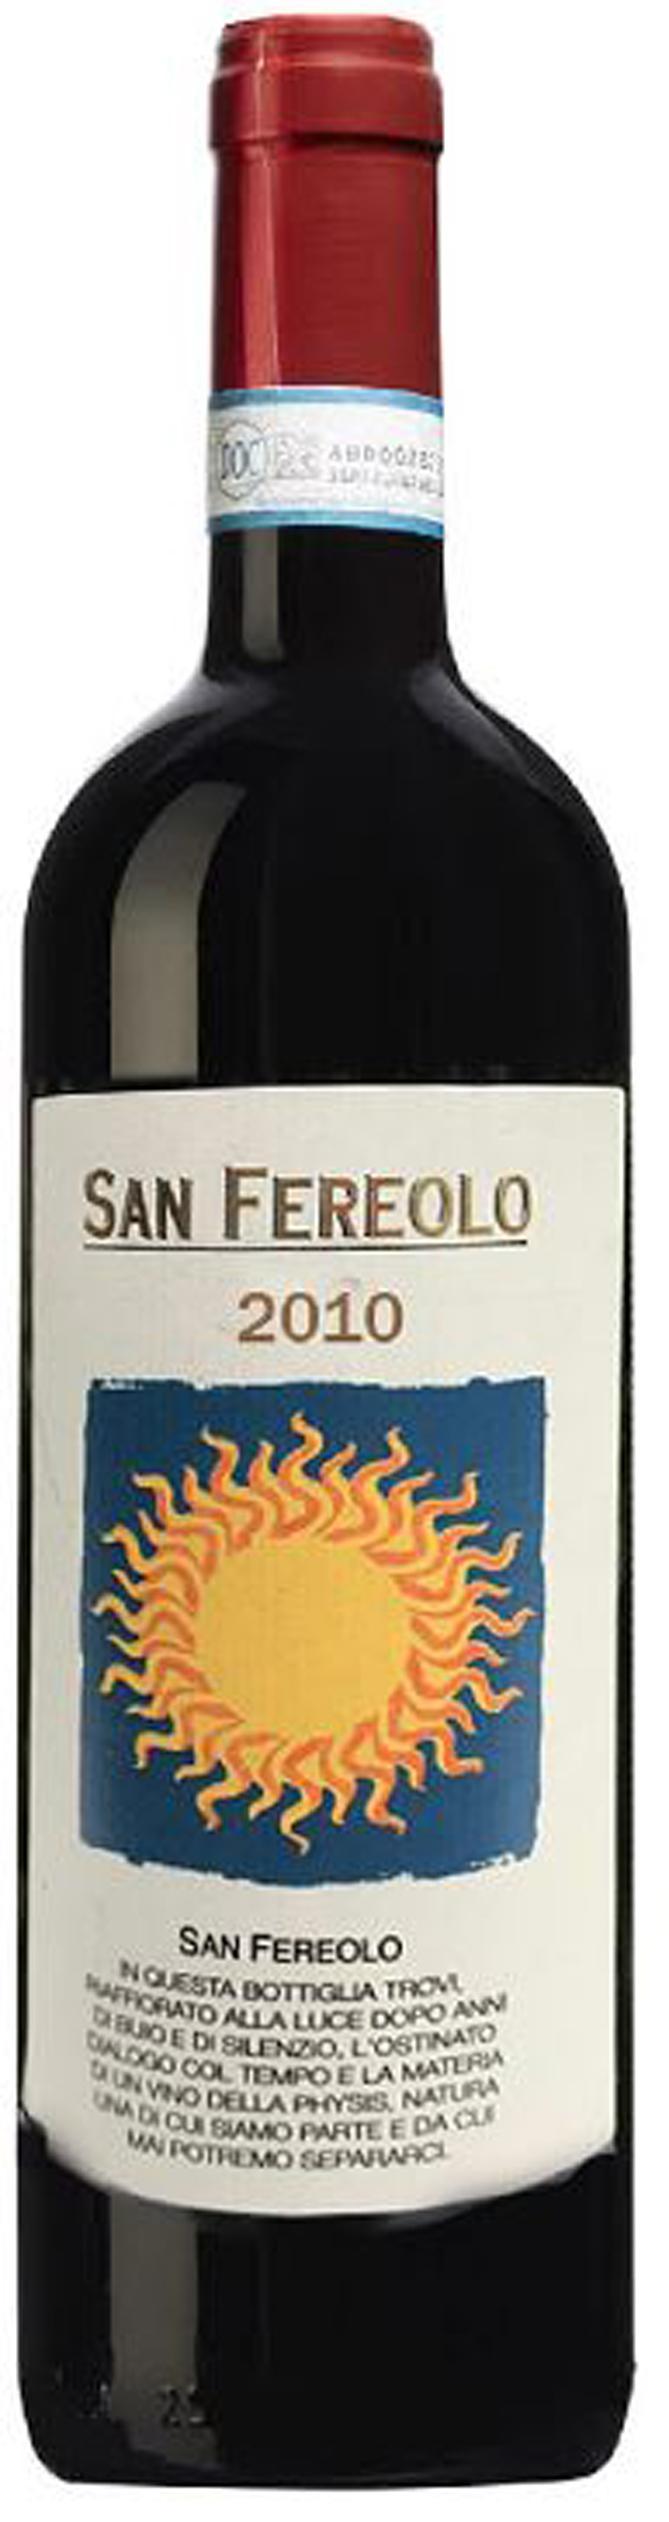 San Fereolo 2010.